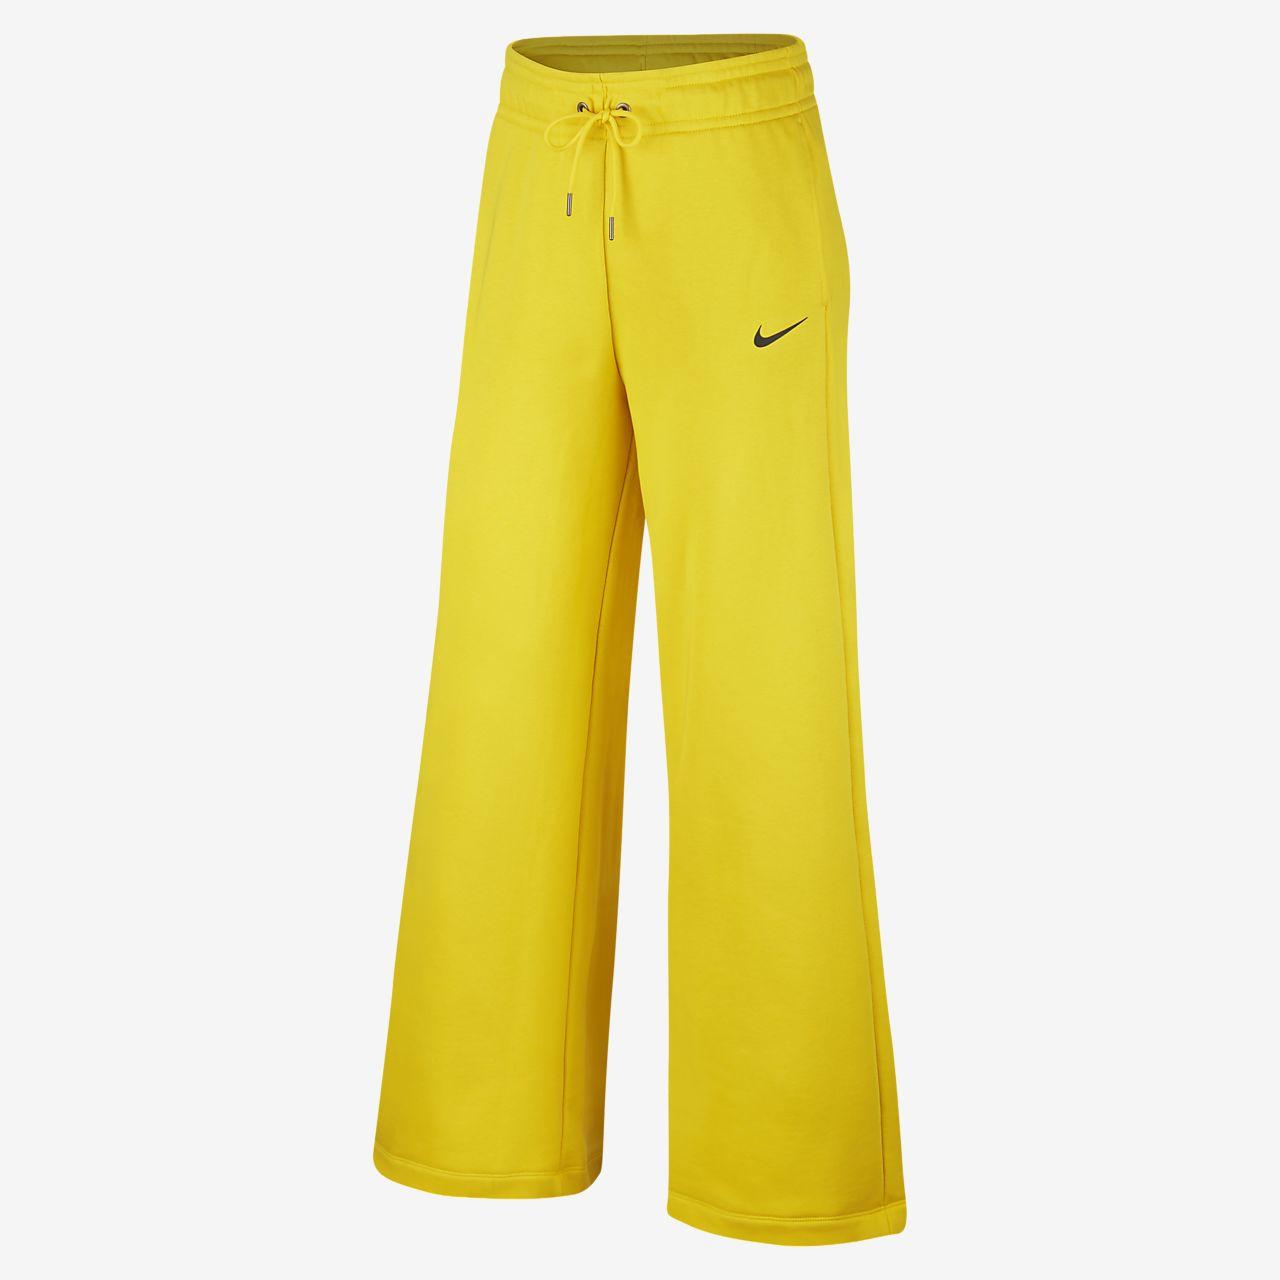 Dámské kalhoty Nike Sportswear se širokými nohavicemi